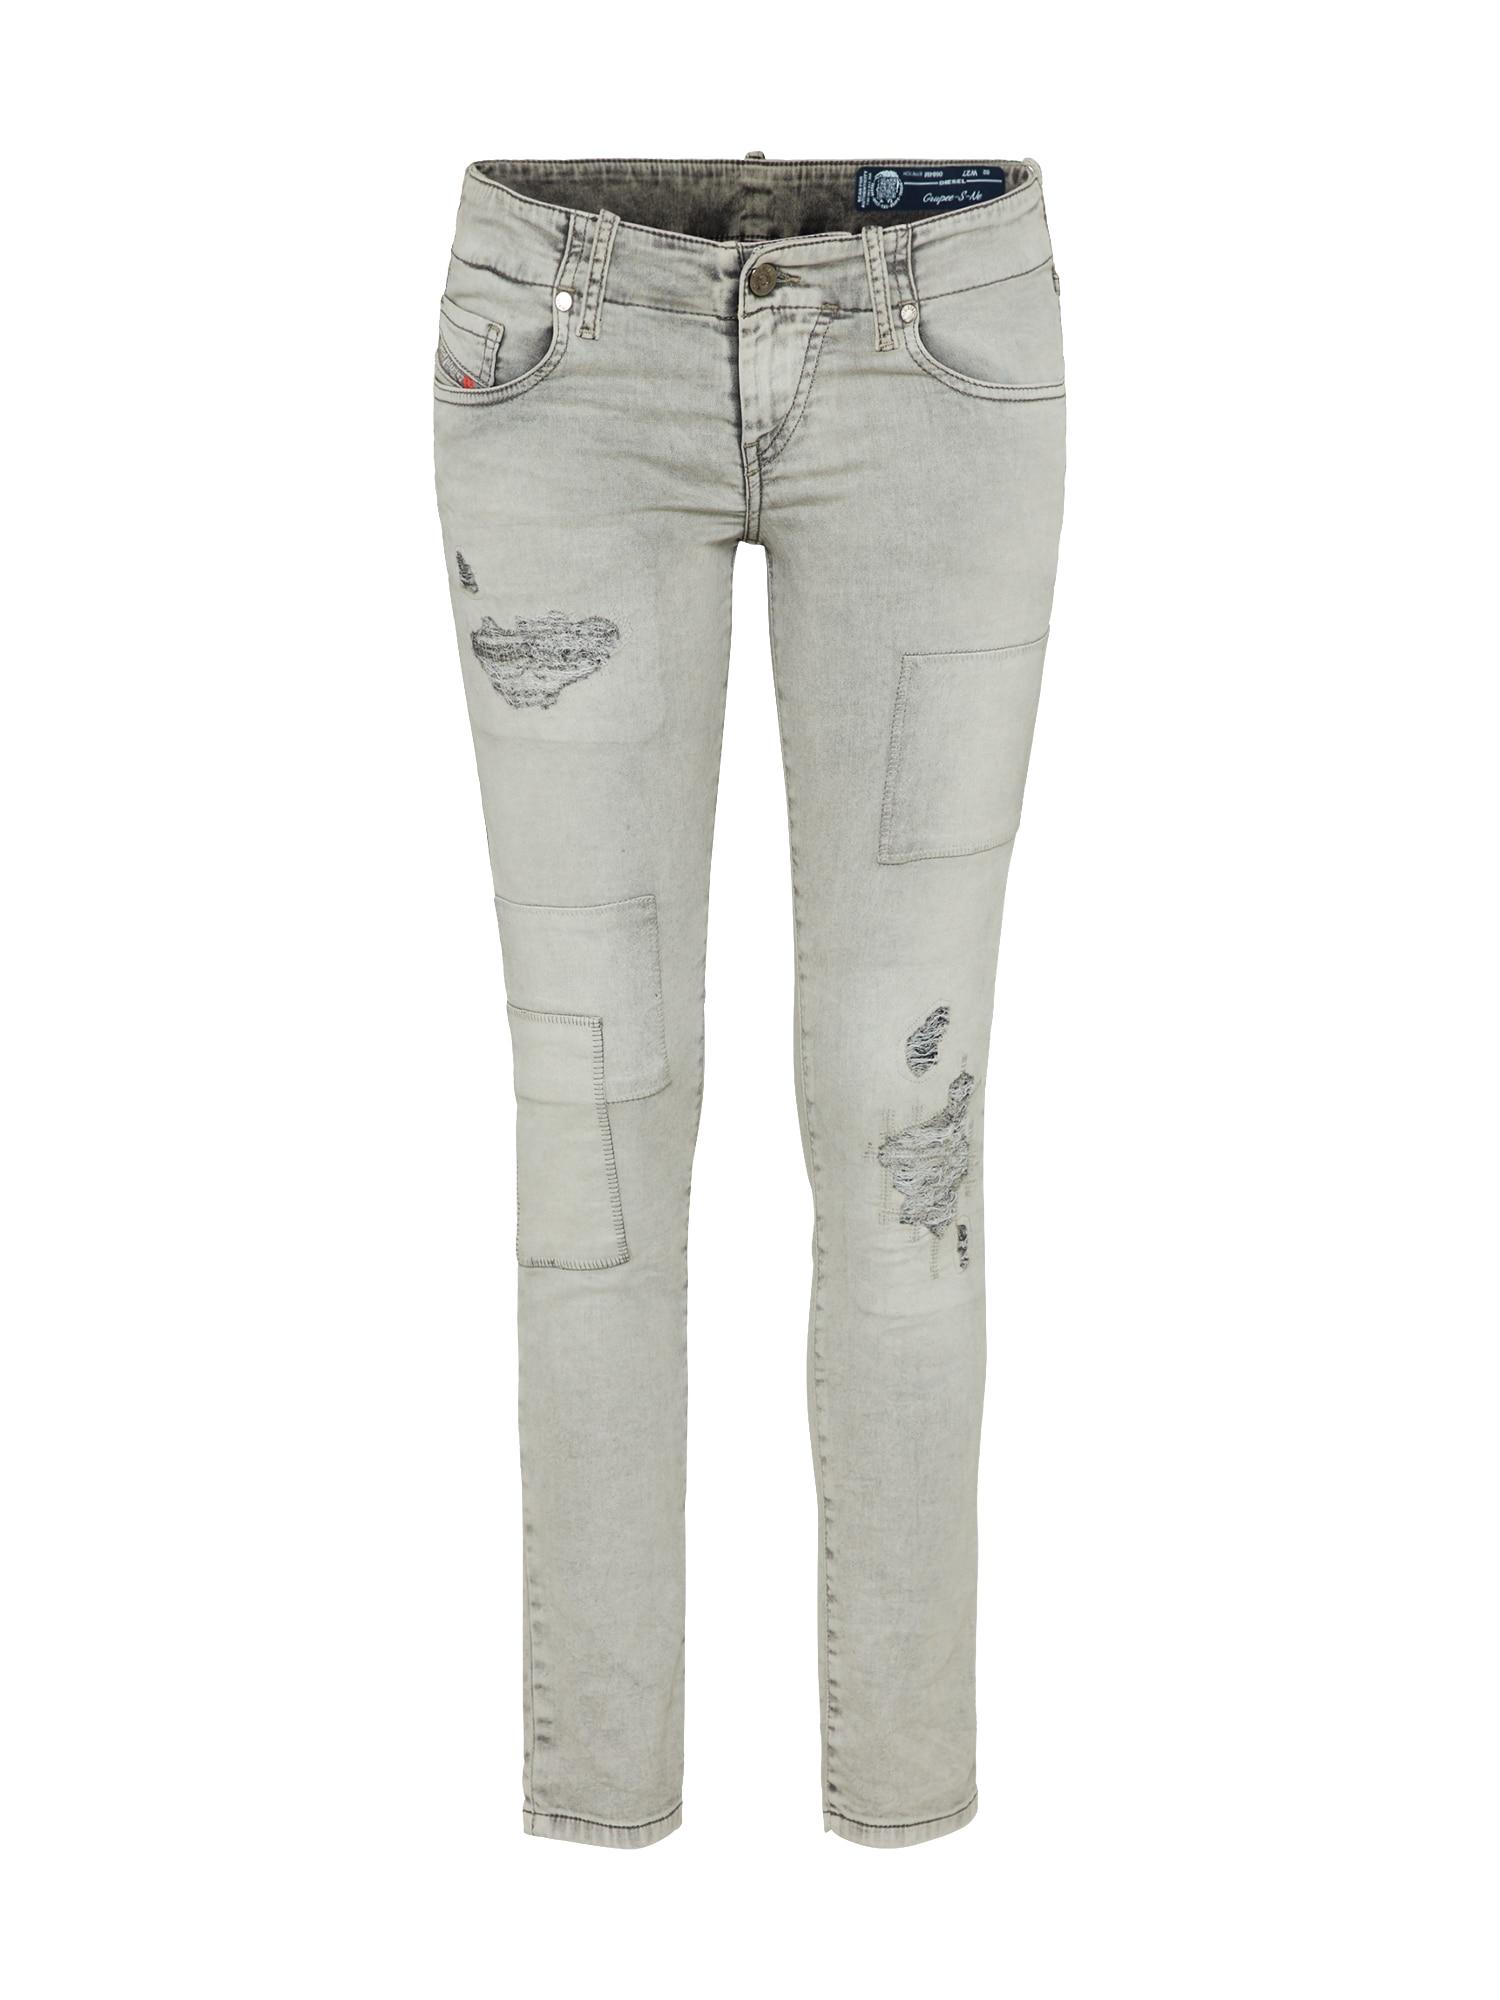 DIESEL Dames Jeans GRUPEE-S-NE grijs